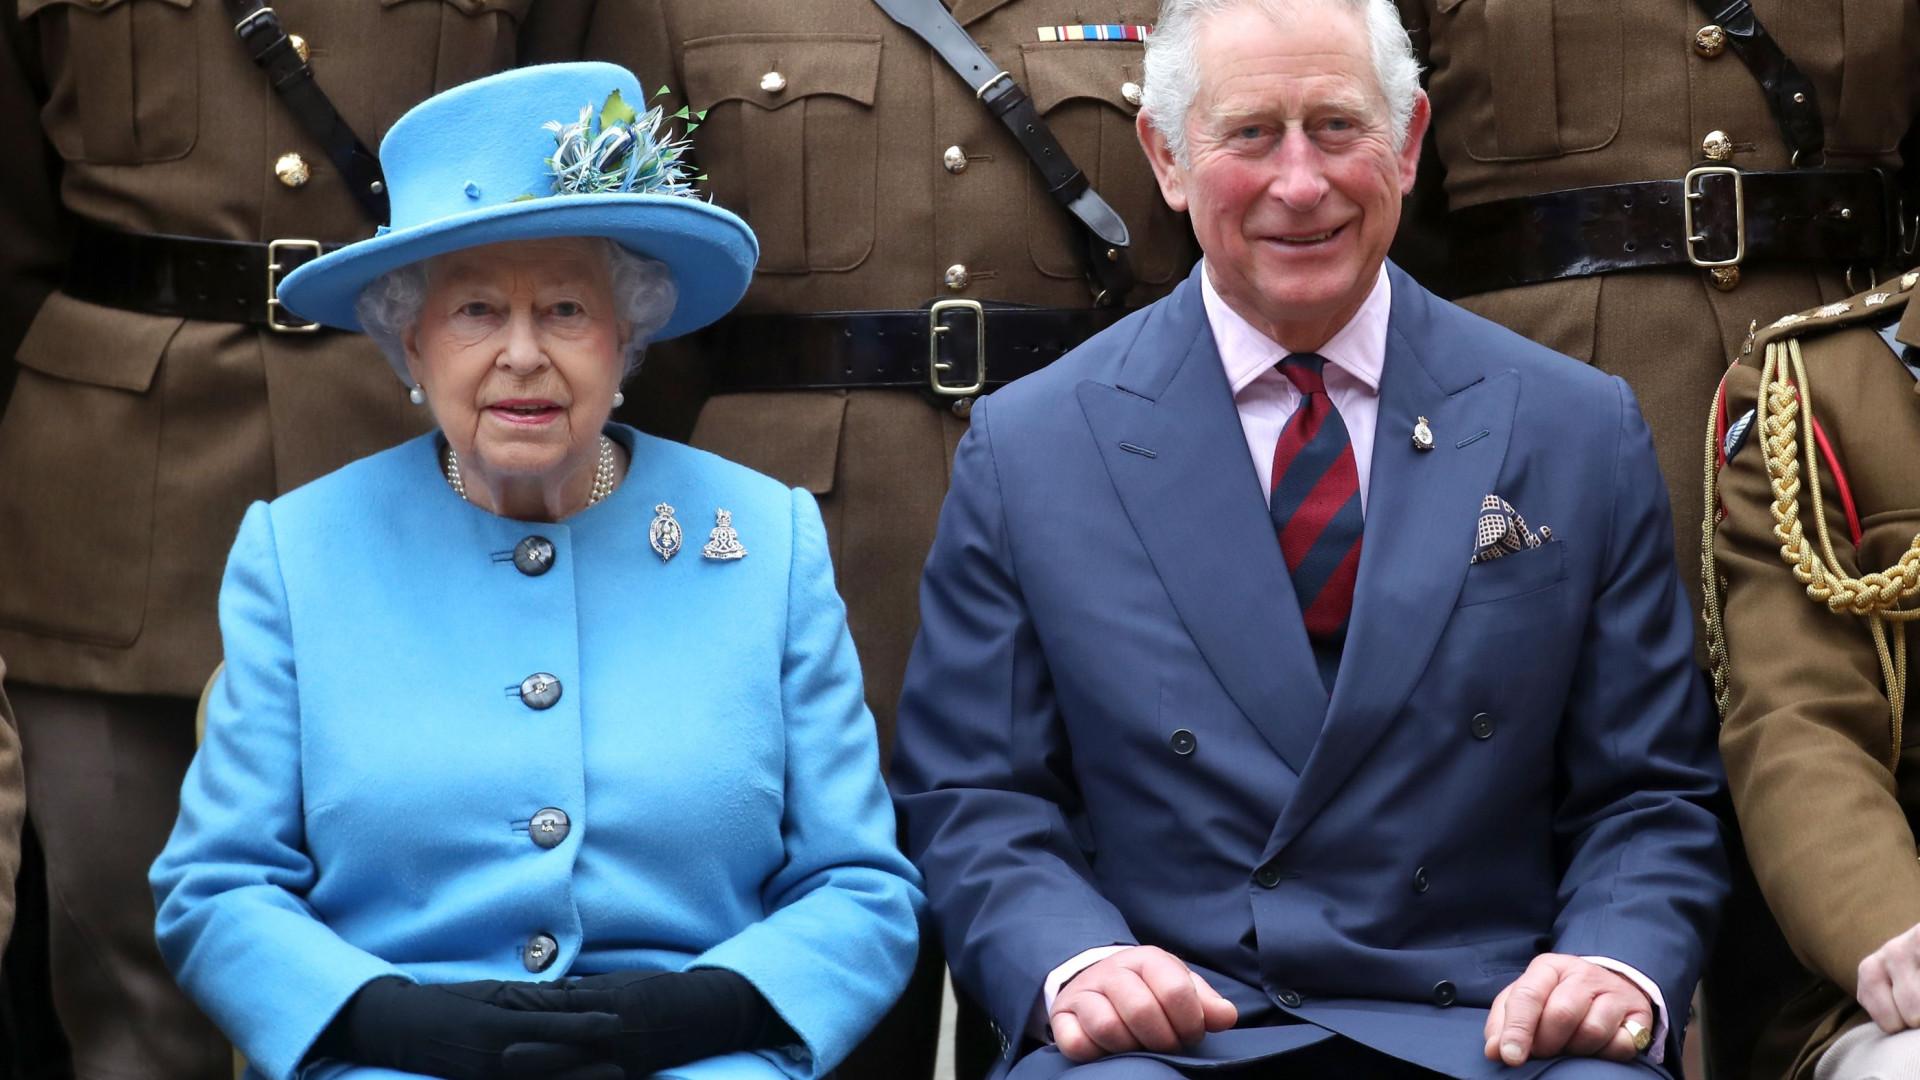 Isabel II pede à Commonwealth que eleja príncipe Carlos como seu sucessor